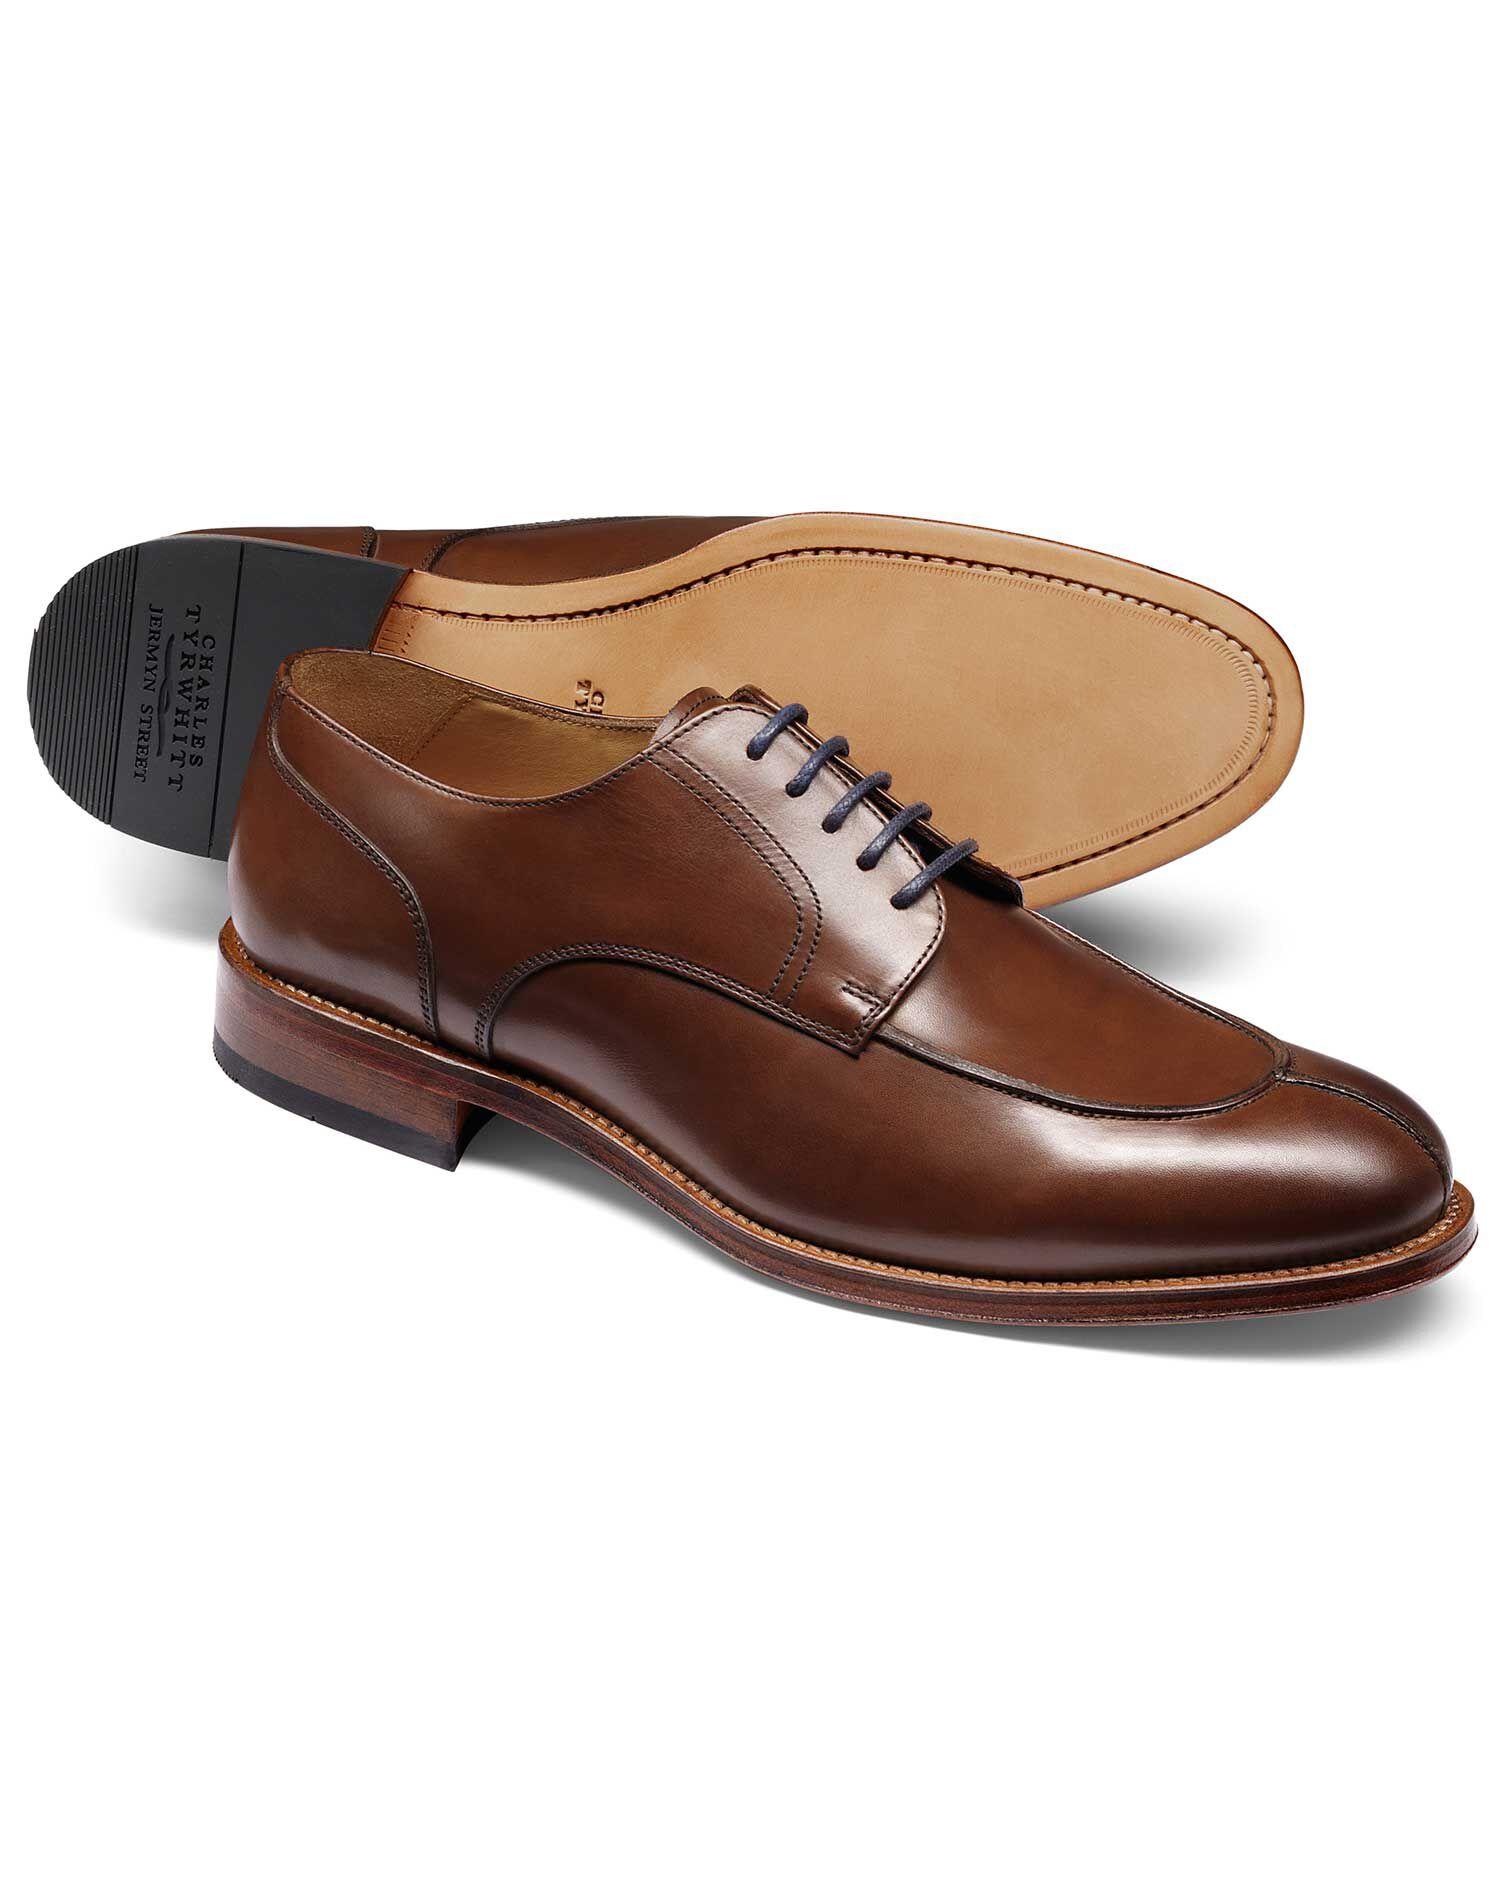 Charles Tyrwhitt Chocolate Calf Leather Toe Cap Derby Shoe Size 10.5 W by Vente En Ligne Bonne Vente En Ligne Livraison Gratuite Meilleure Vente Paiement De Visa Pas Cher En Ligne À Vendre À Vendre 66fEobpikg